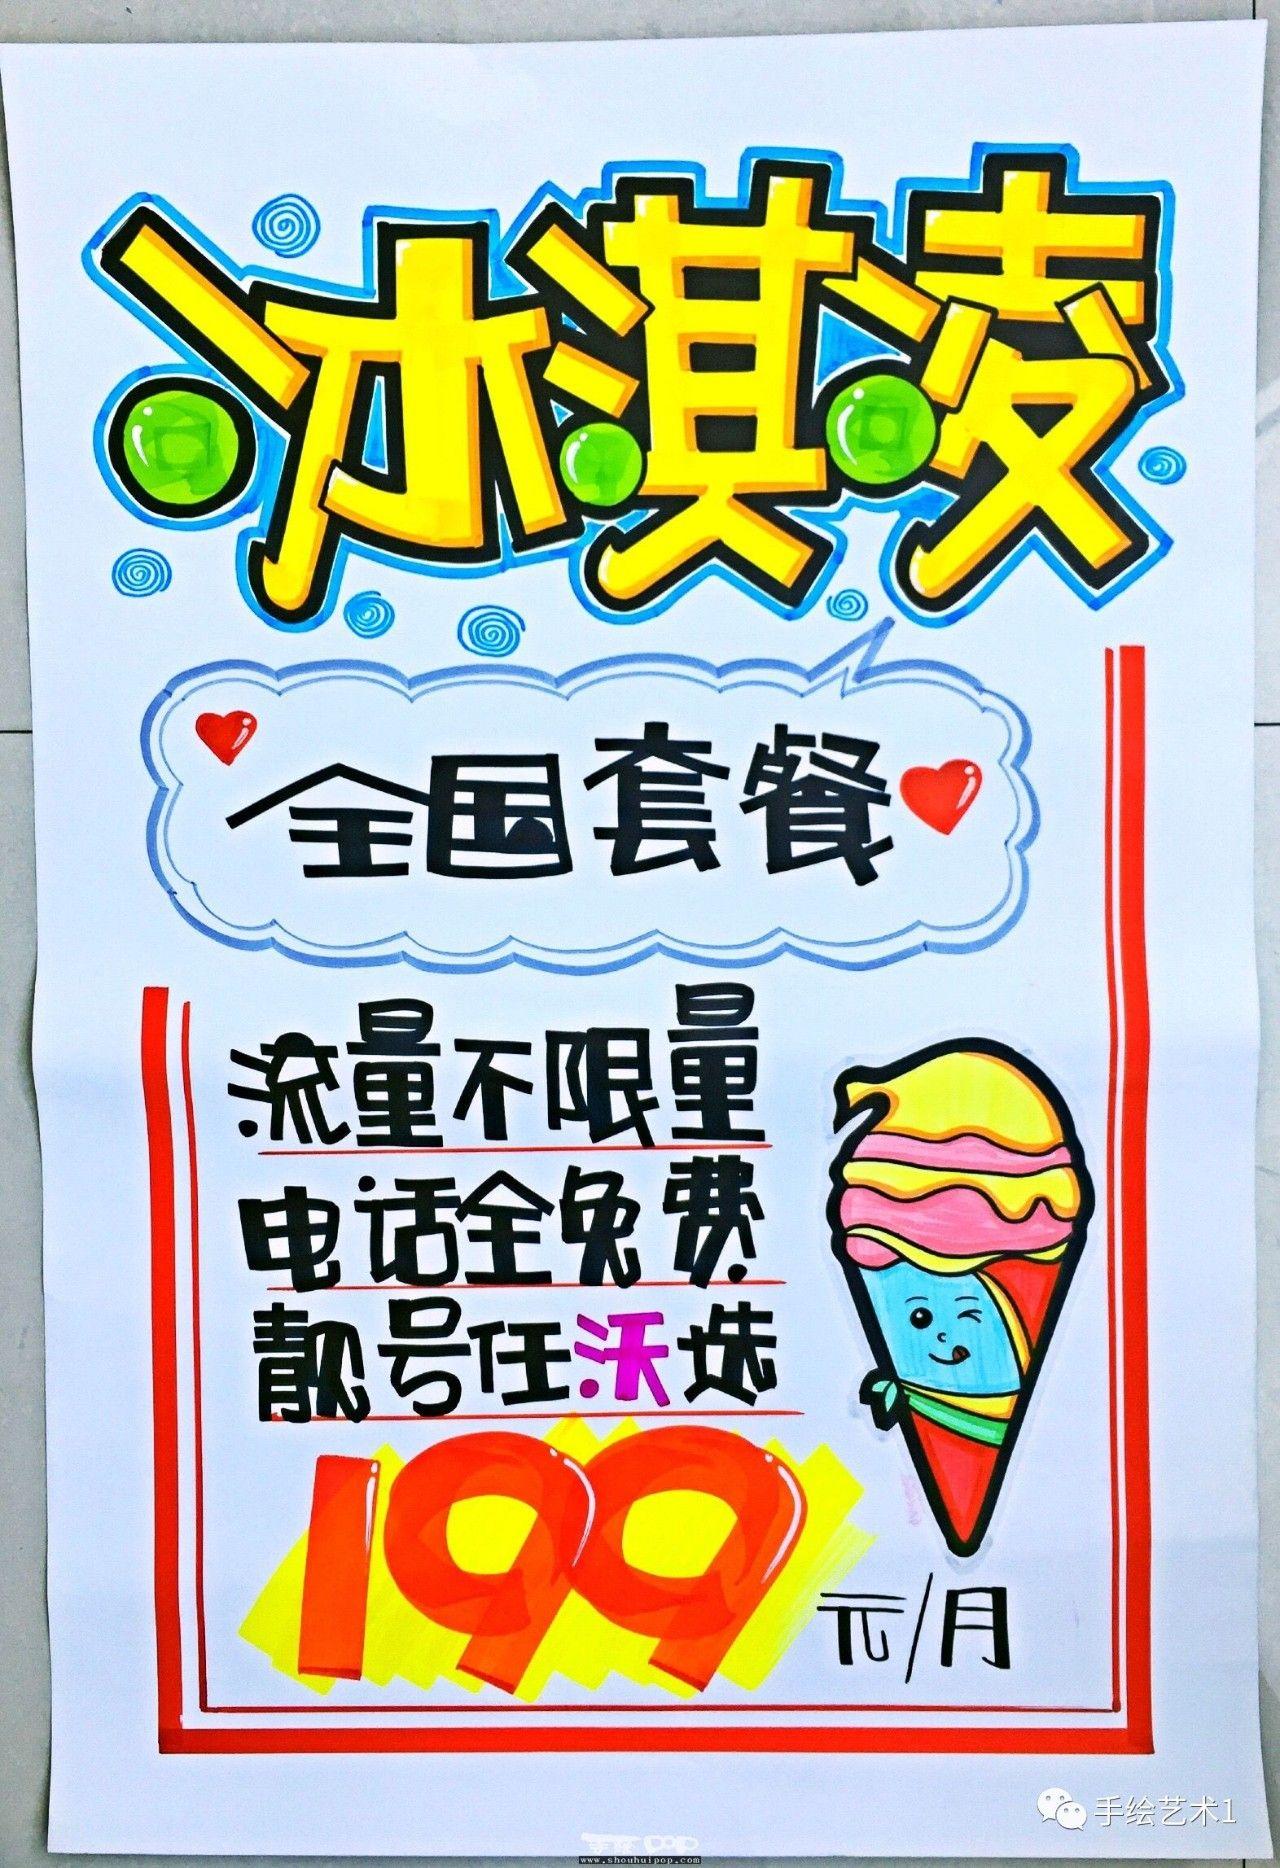 【手绘pop】以黄色为主题的联通冰淇淋套餐